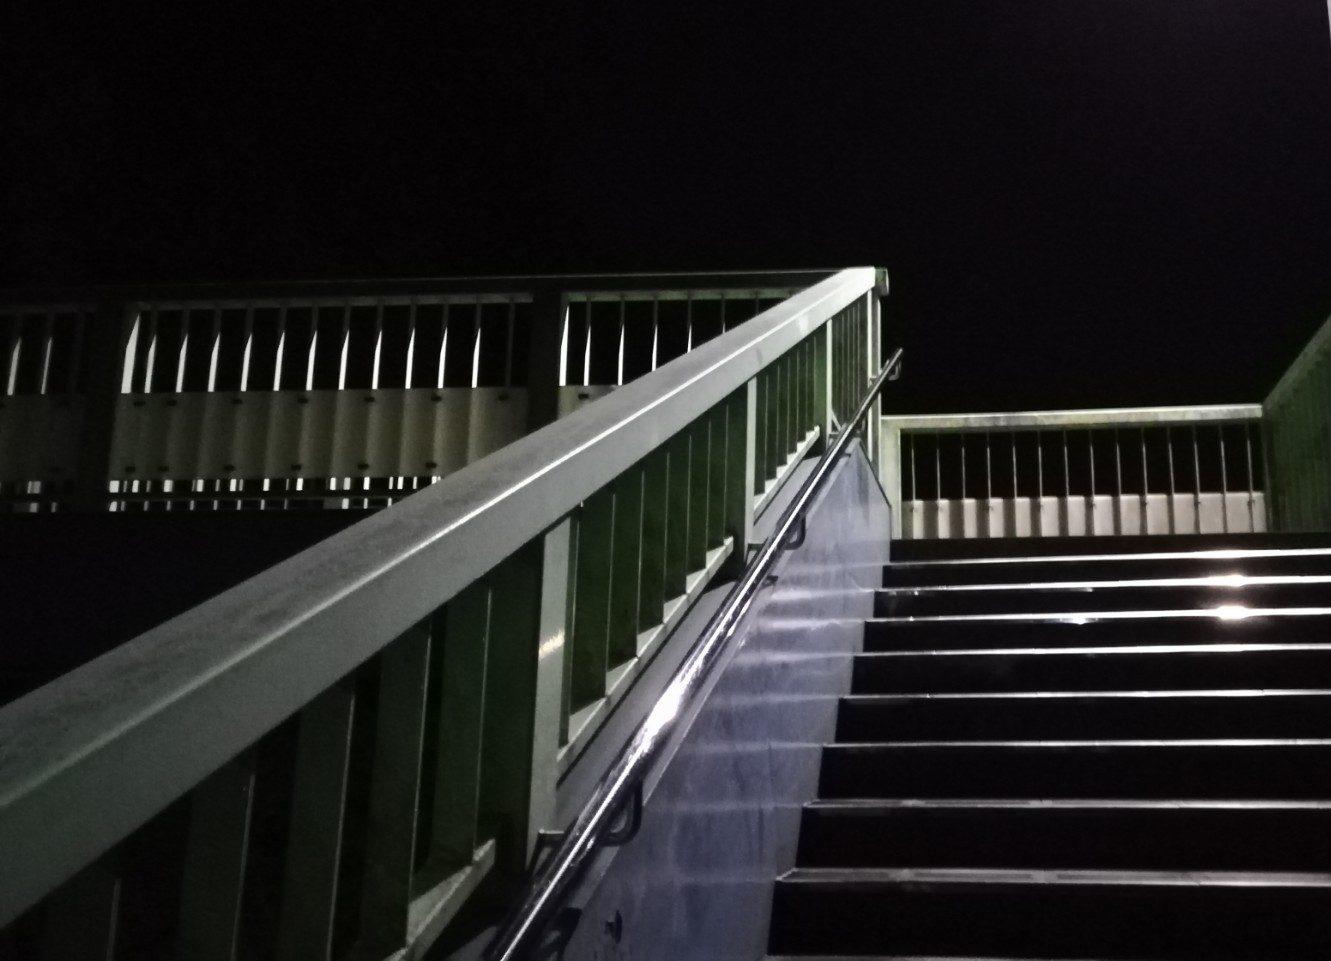 【磐田市豊田町】歩道橋からの夜景が意外に良い!?